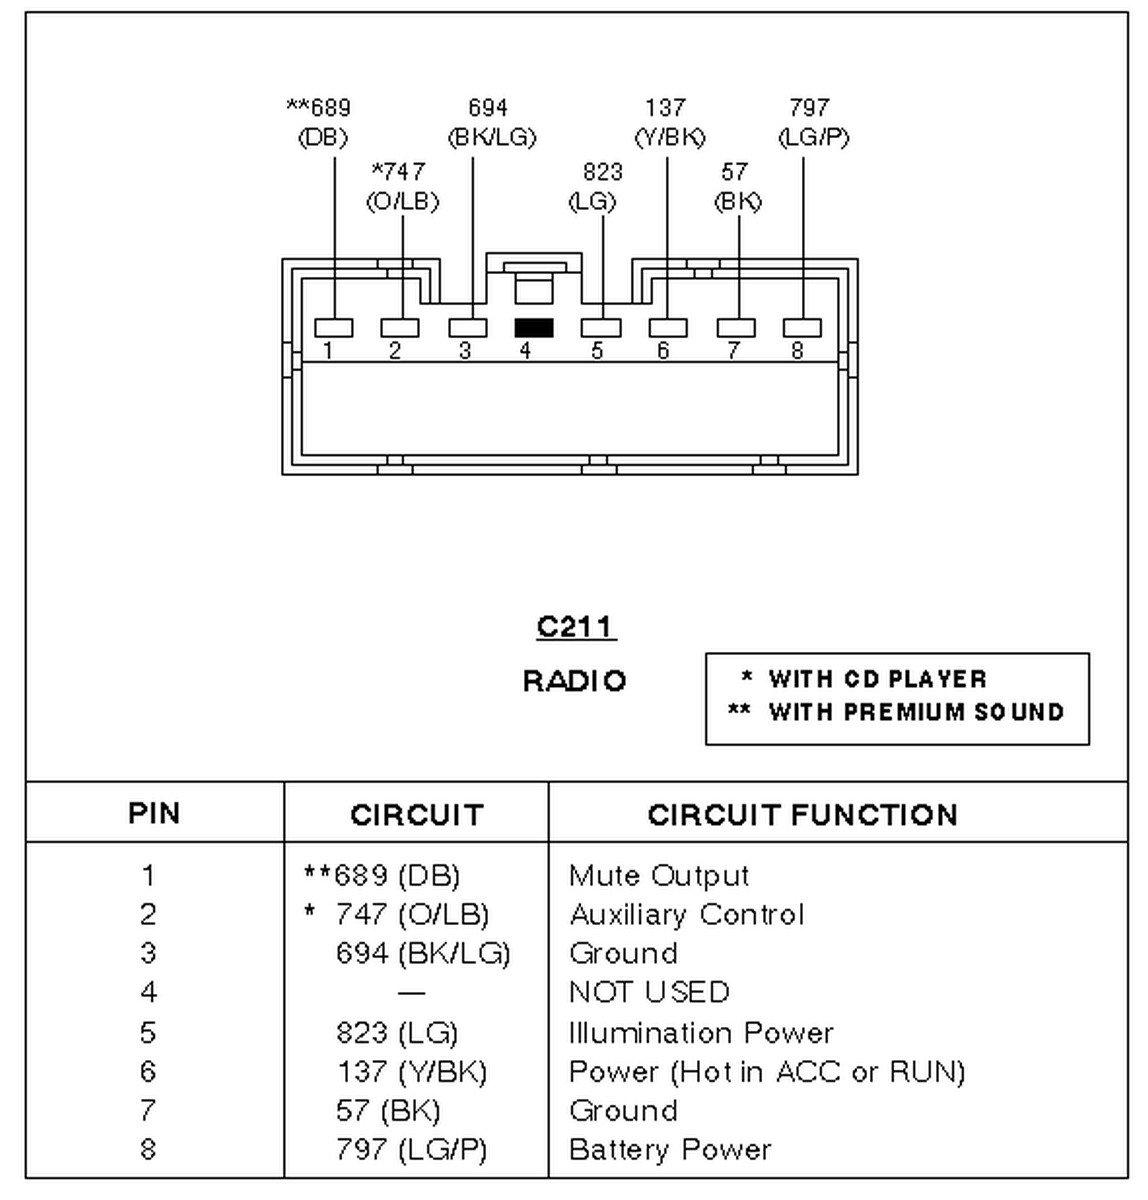 95 windstar engine wiring diagram el 3680  96 ford aerostar wiring diagram 96 ford aerostar wiring  wiring diagram 96 ford aerostar